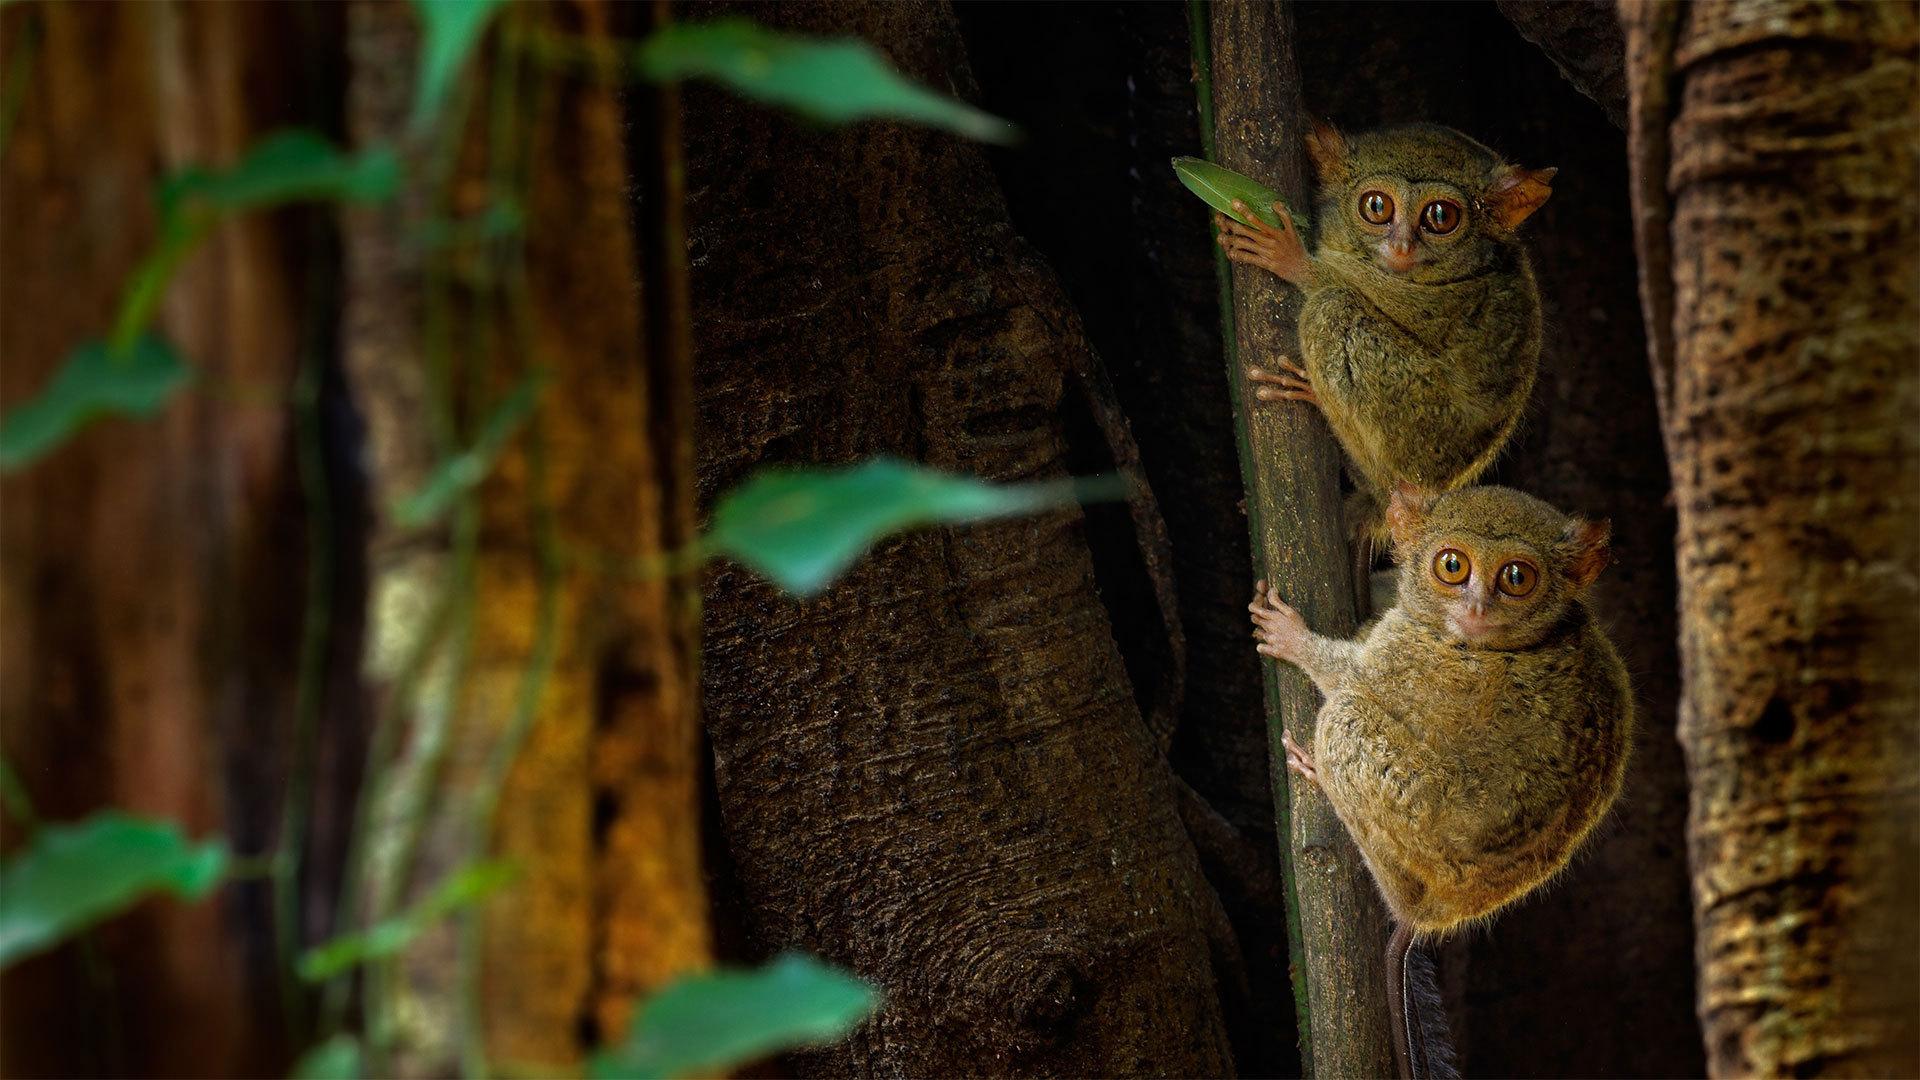 榕树上的幽灵眼镜猴幽灵眼镜猴